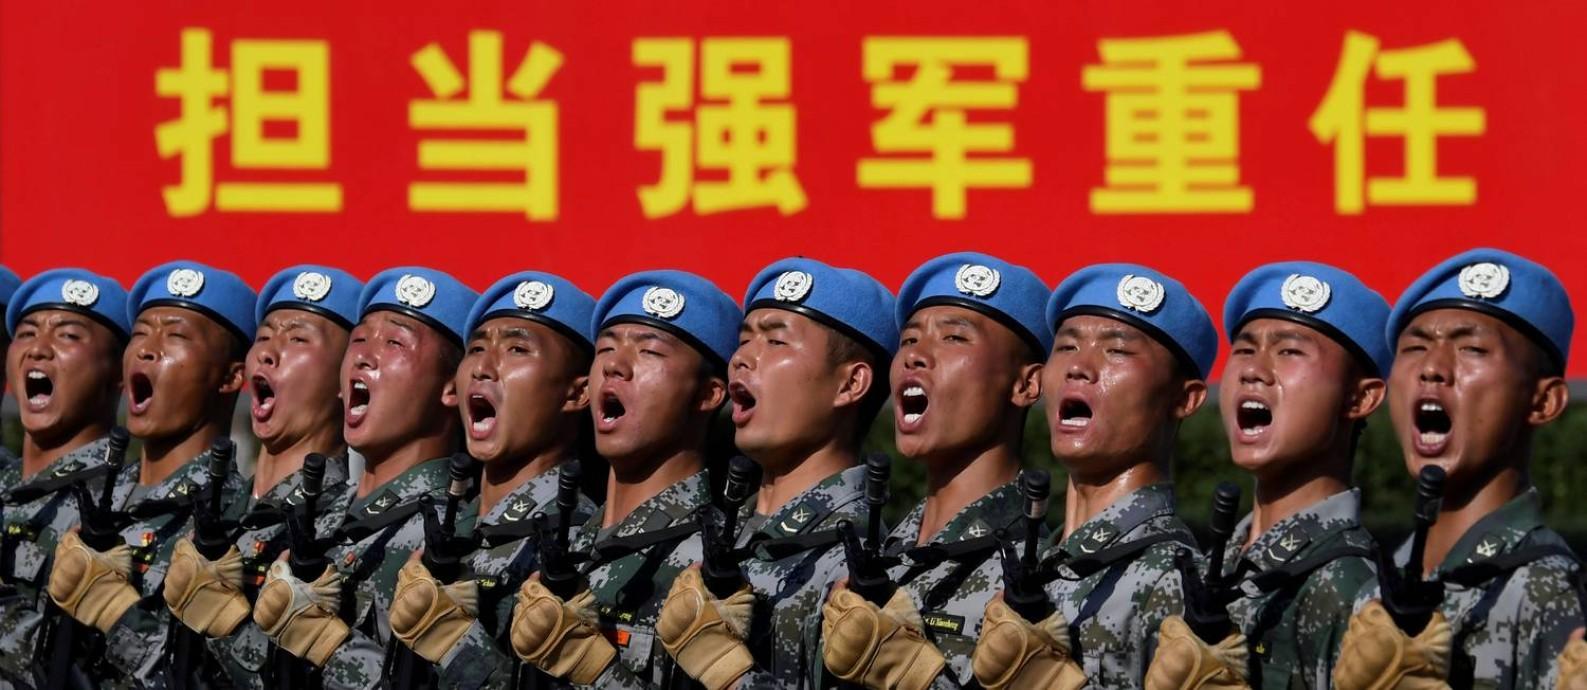 Militares chineses ensaiam para o desfile que na terça-feira, 1º de outubro, celebrará os 70 anos da proclamação da República Popular da China Foto: Naohiko Hatta / REUTERS